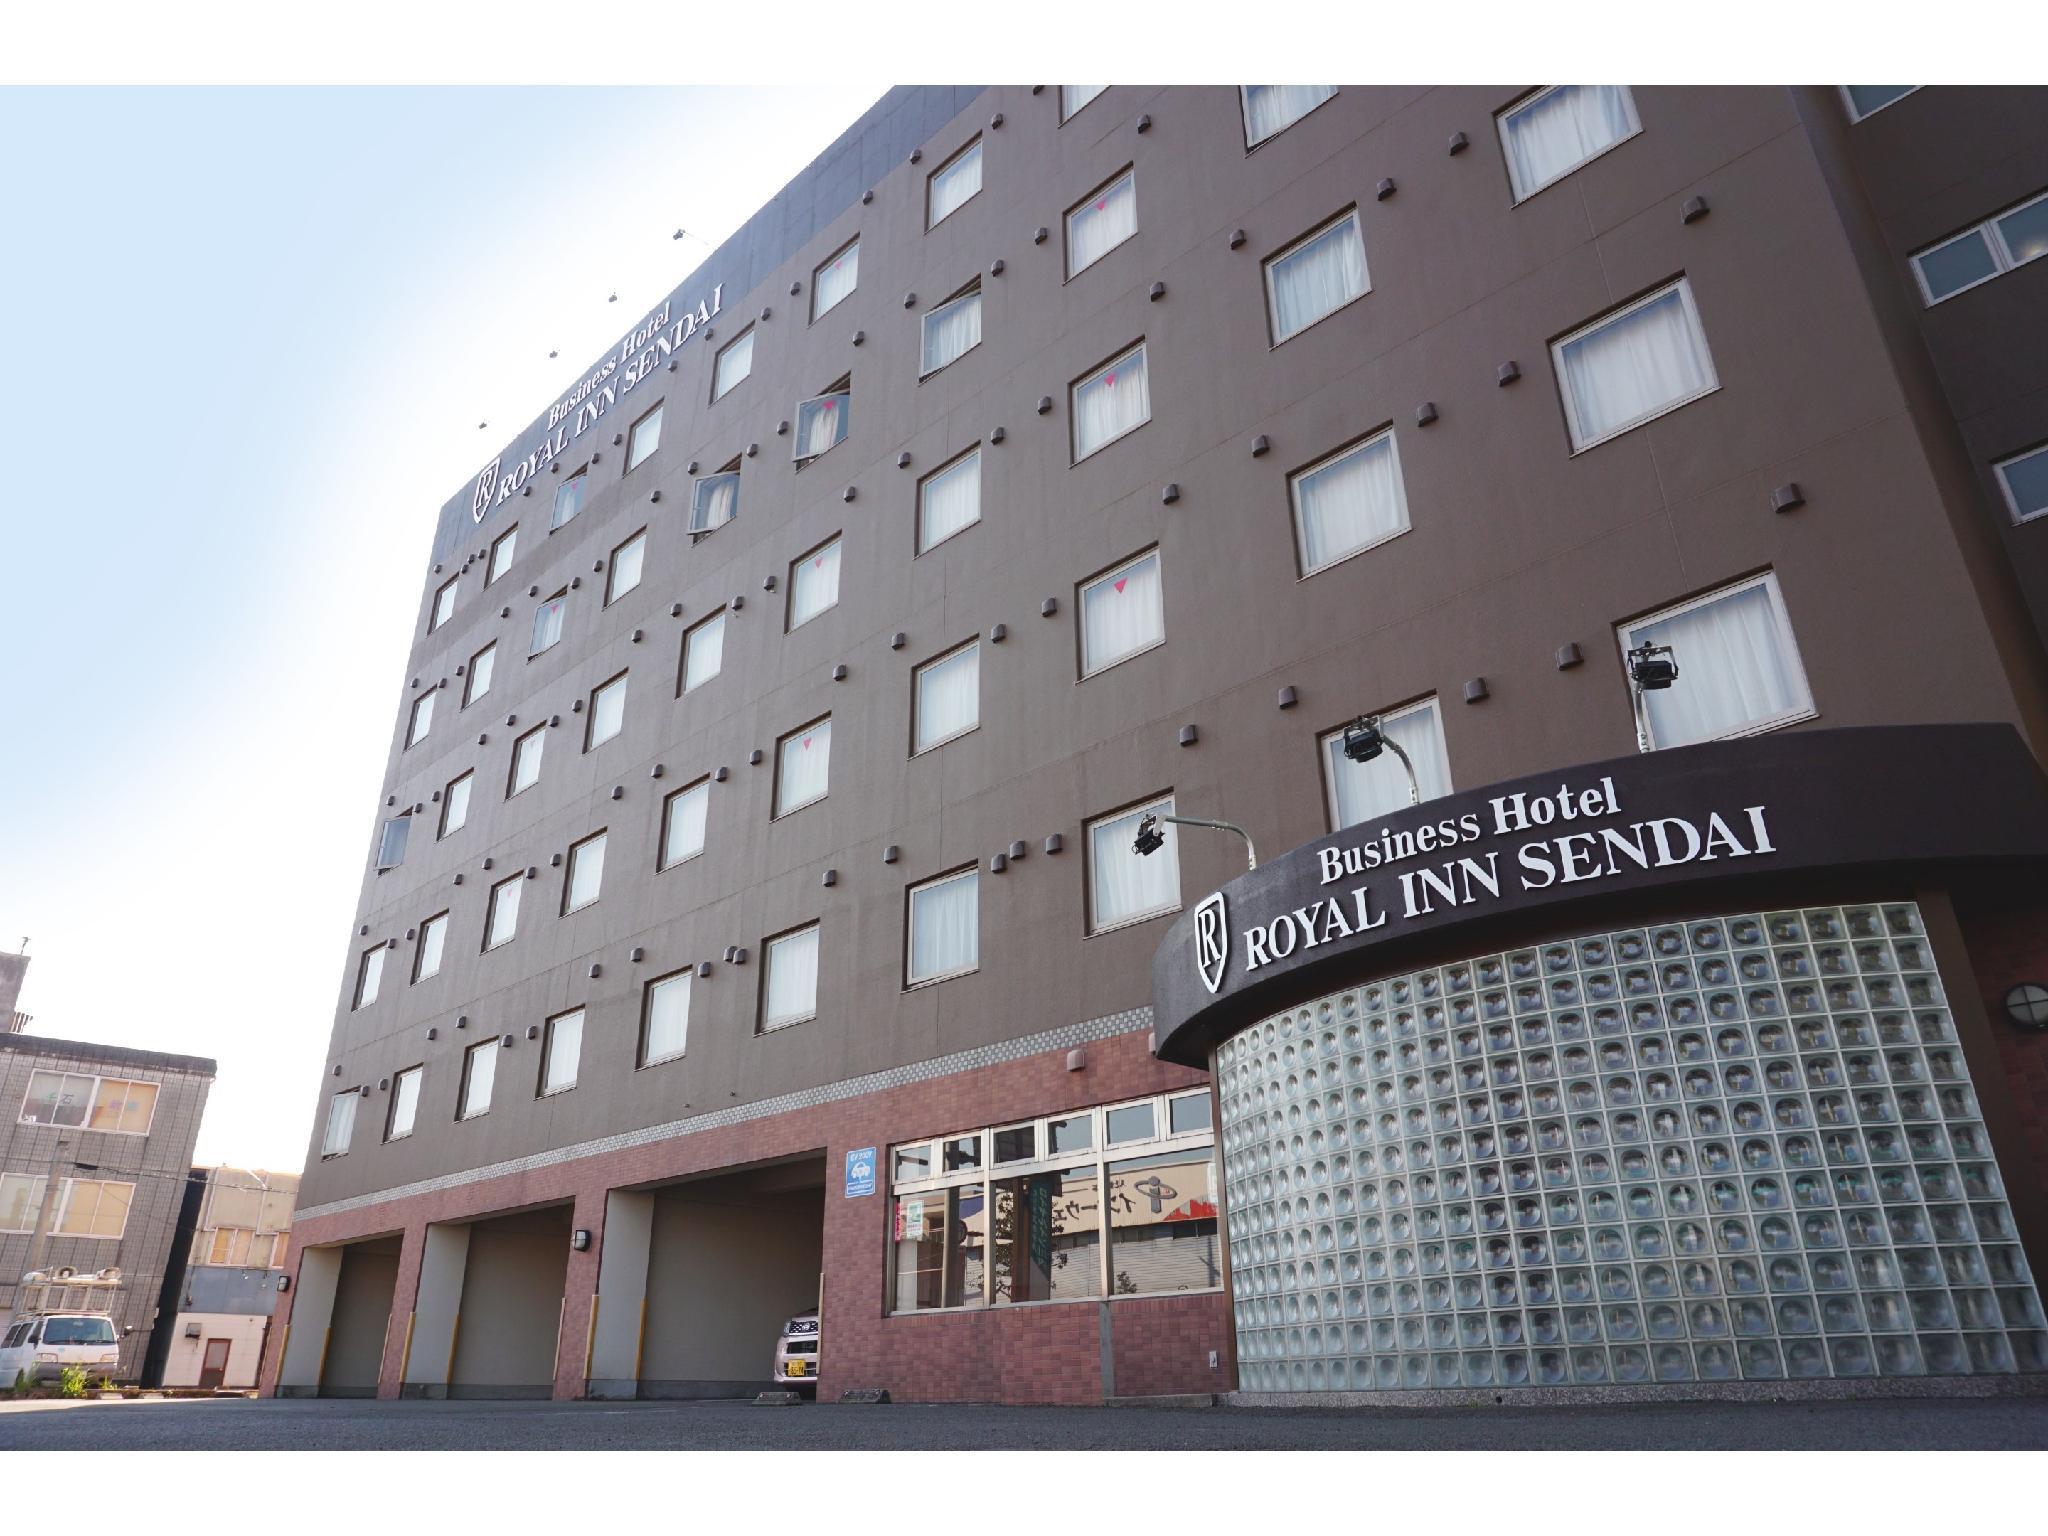 Royal Inn Sendai